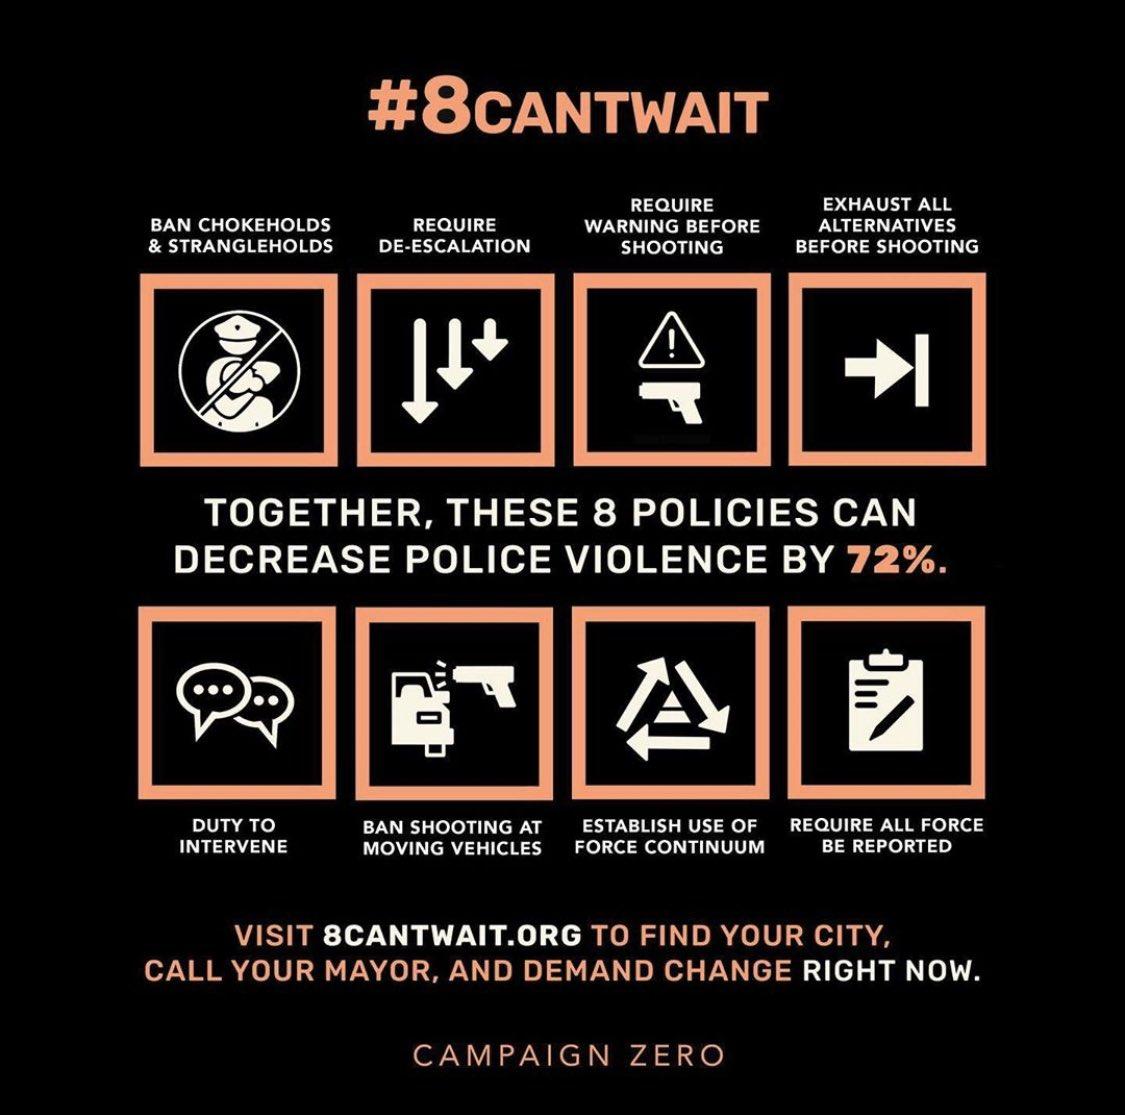 8cantwait.org